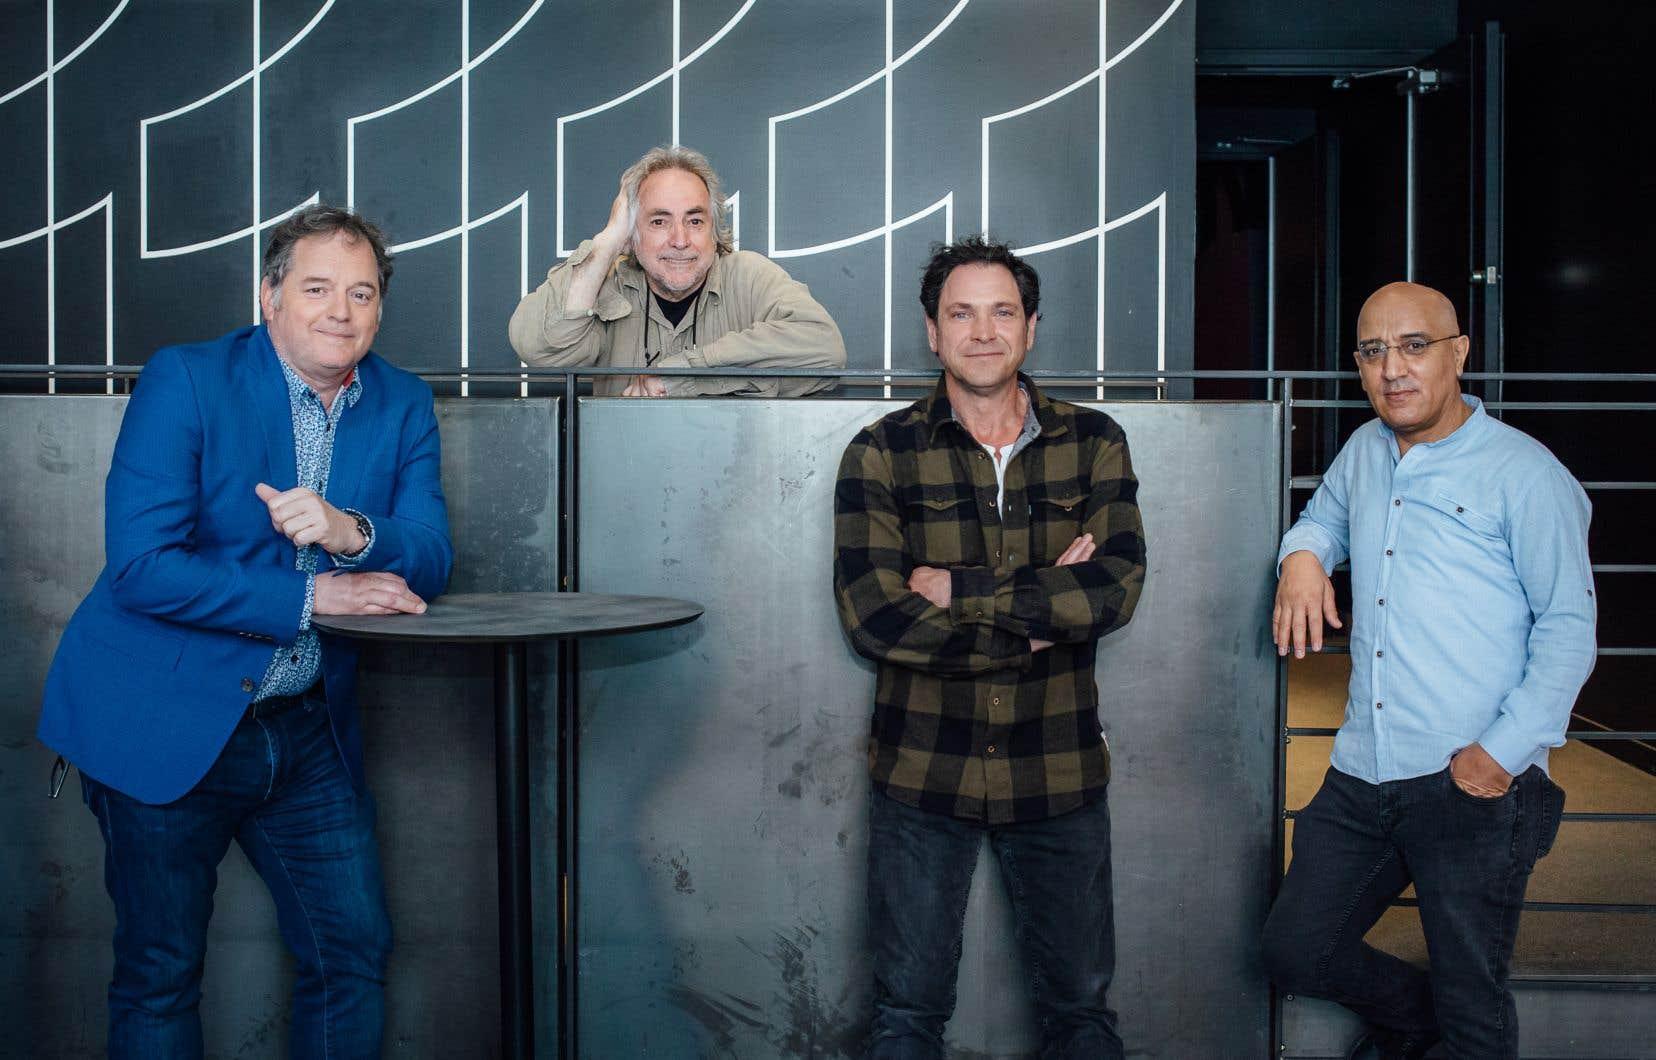 Une partie de l'équipe du film «Les vieux chums»: les acteurs Paul Doucet, Patrick Labbé et Hassan El Fad en compagnie du réalisateur Claude Gagnon (derrière)